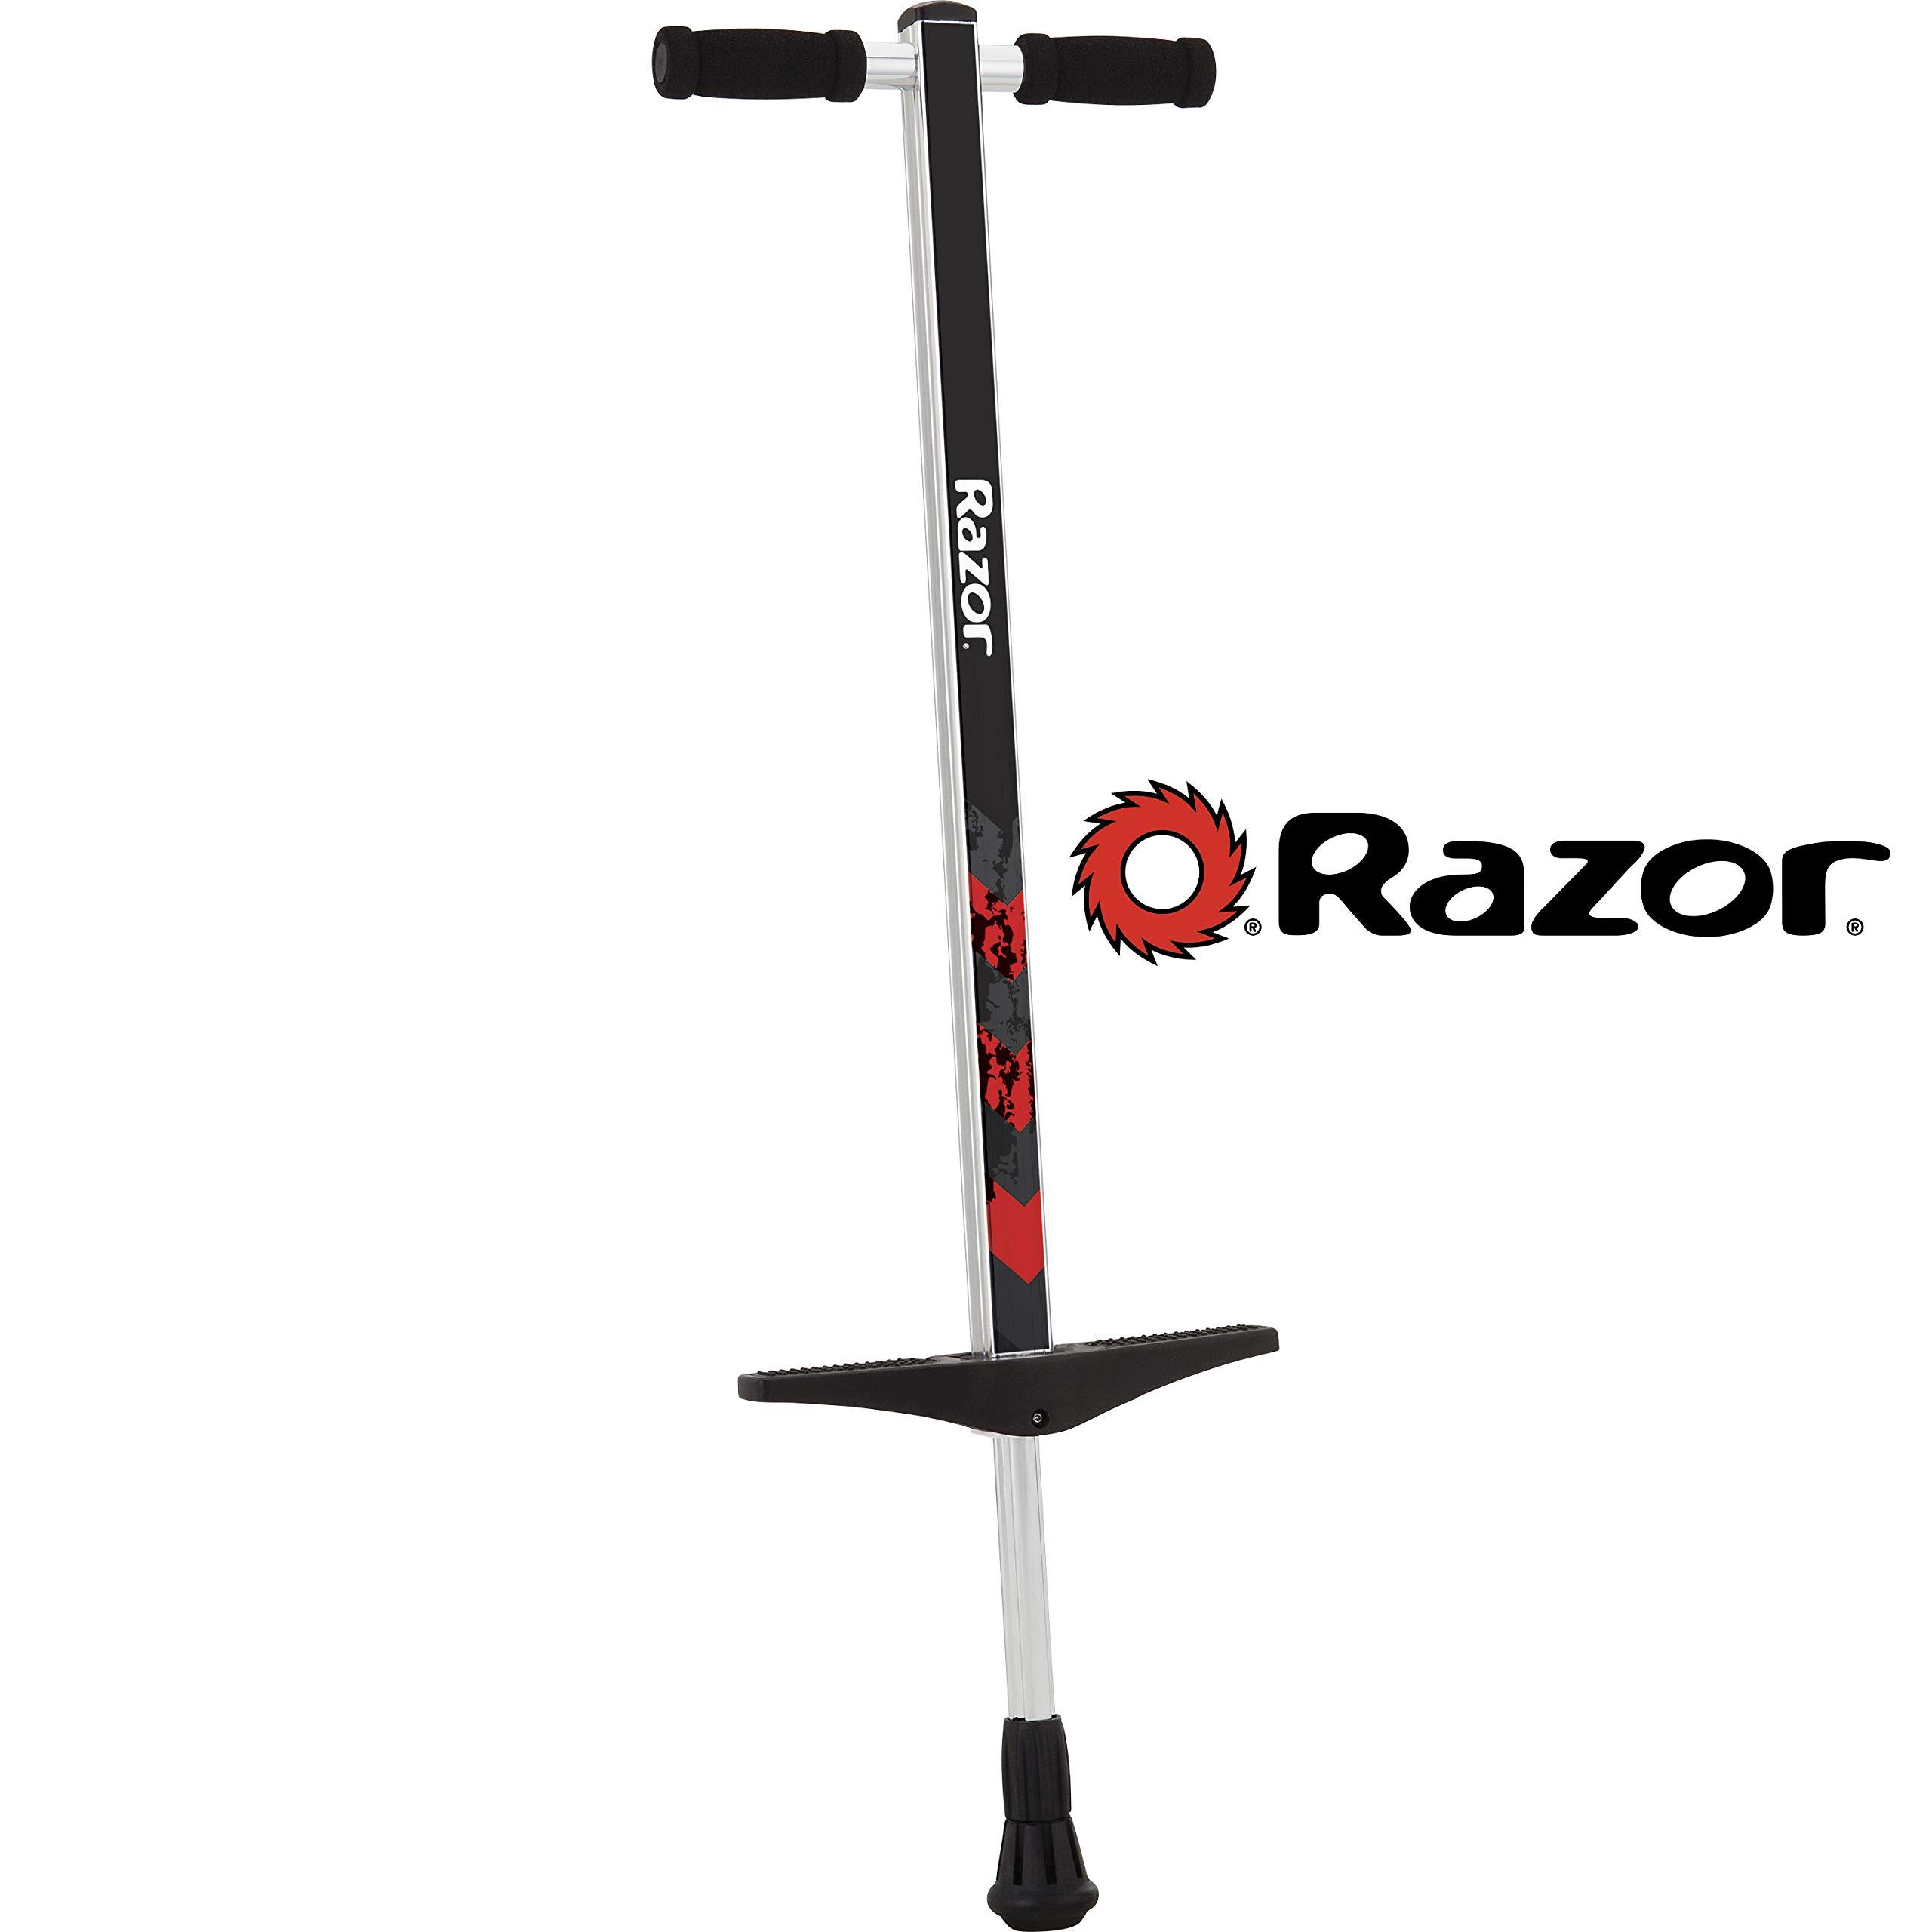 Razor Gogo Pogo Stick - Black by Razor